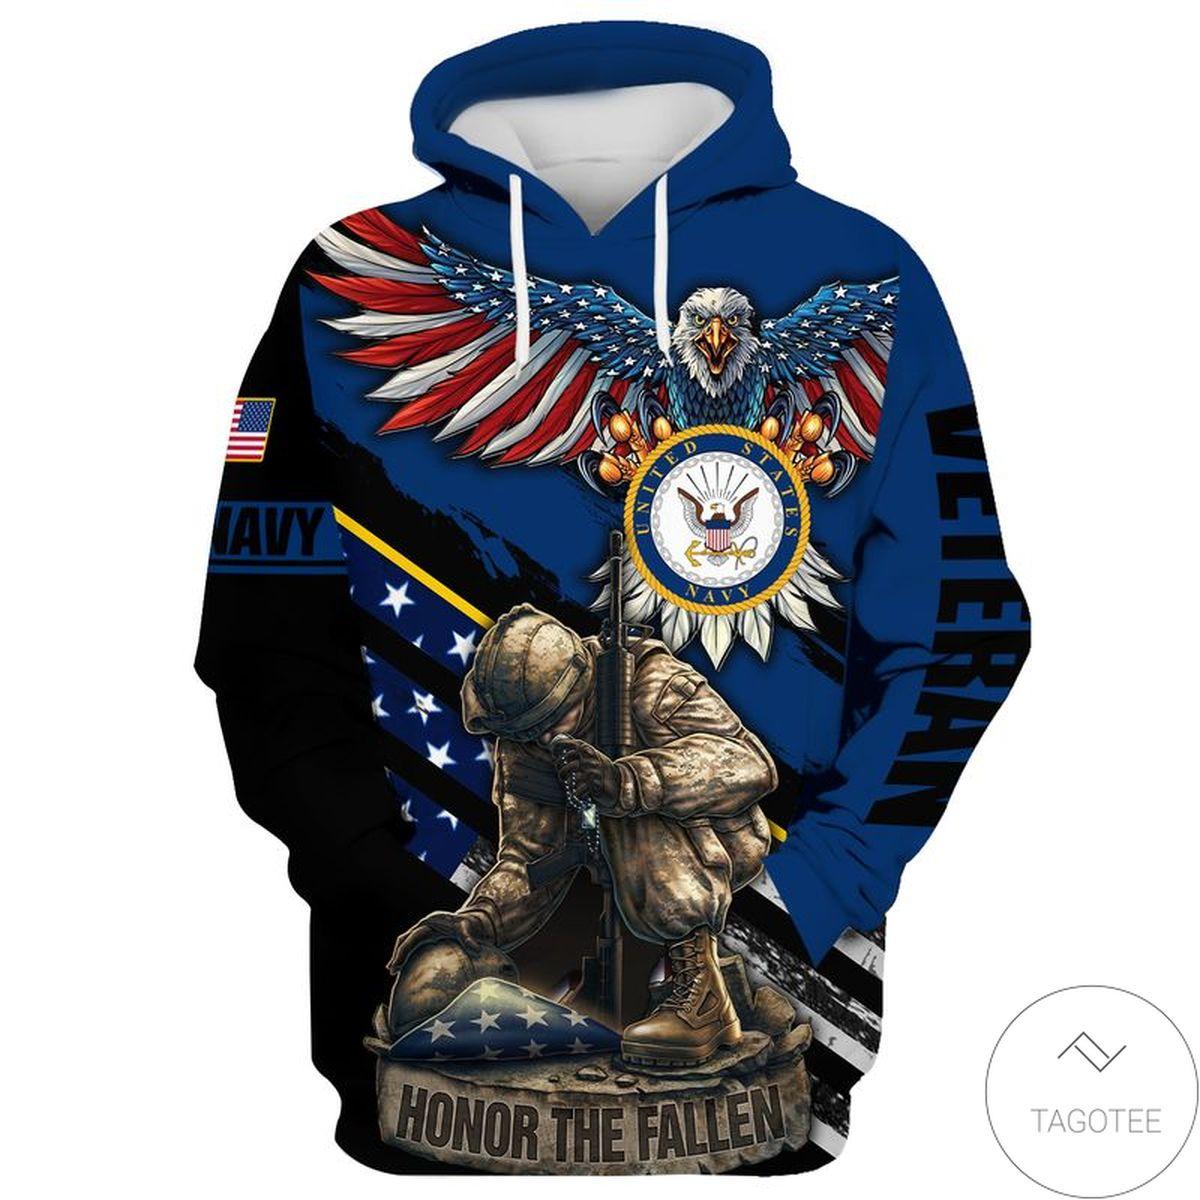 Navy Veteran Horror The Fallen Hoodie